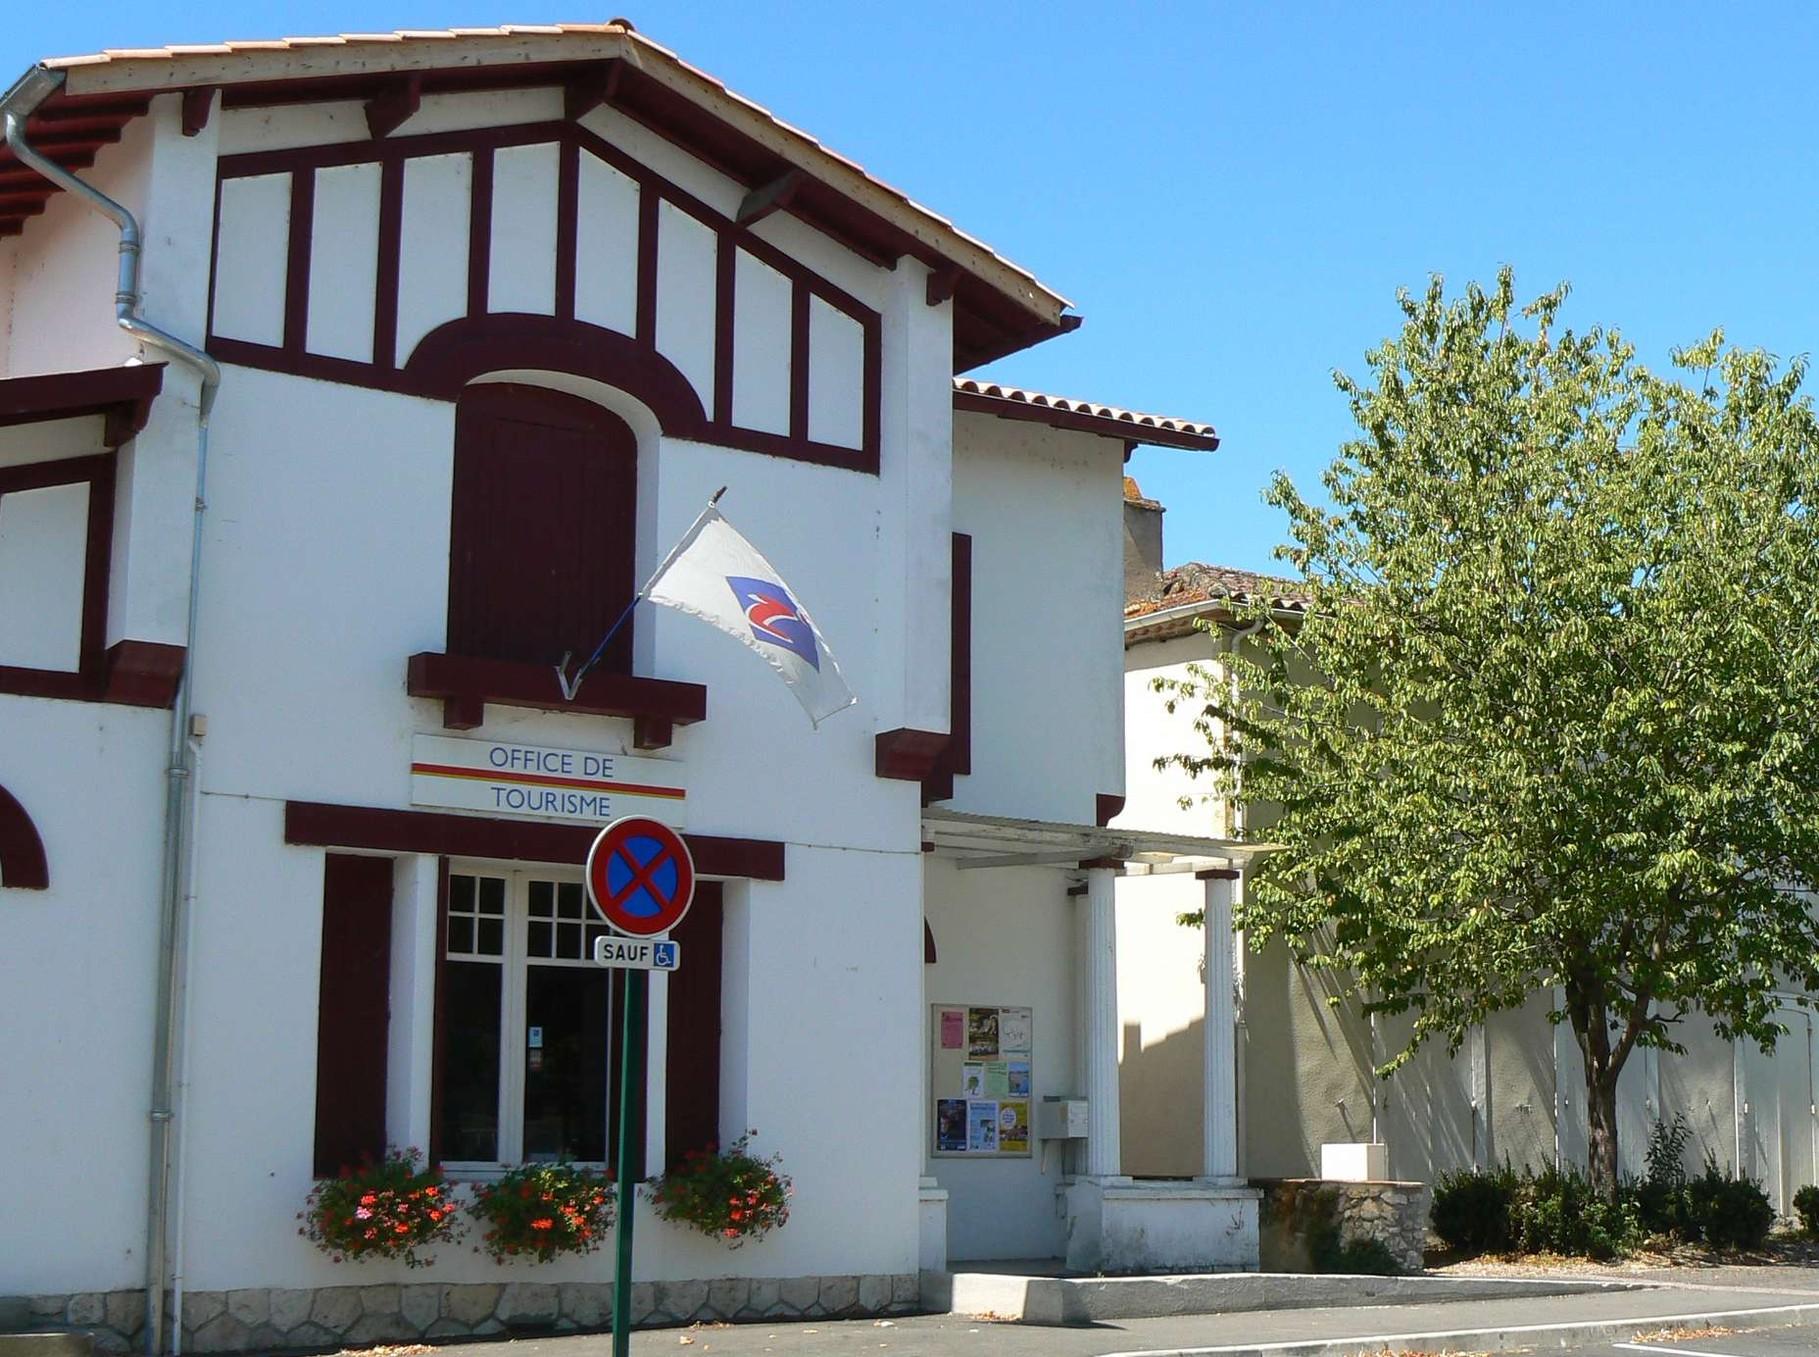 Layrac avis clients - Mission office de tourisme ...